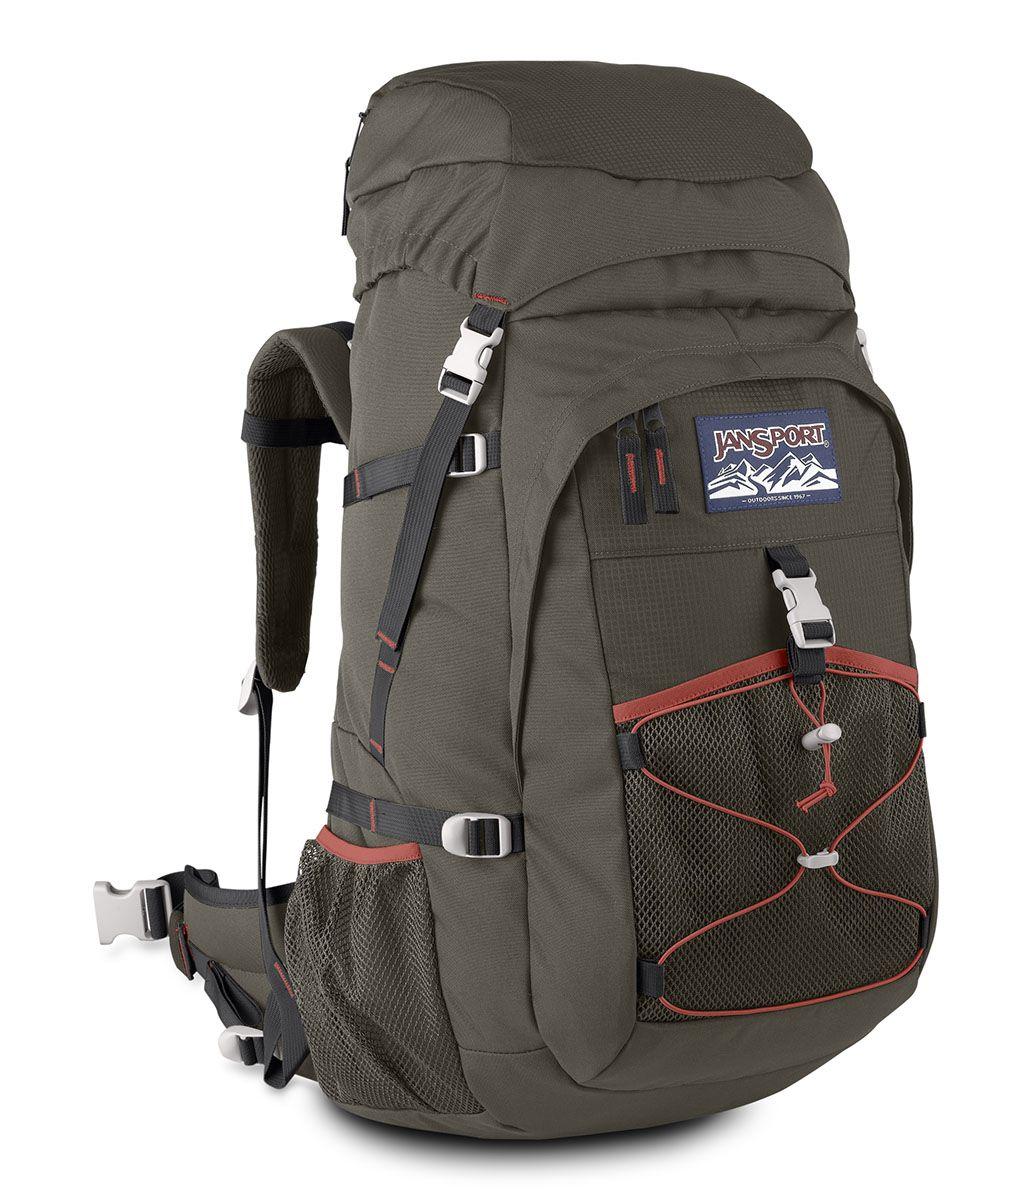 Extra Large Camping Backpack | JanSport Big Bear 63 backpack ...